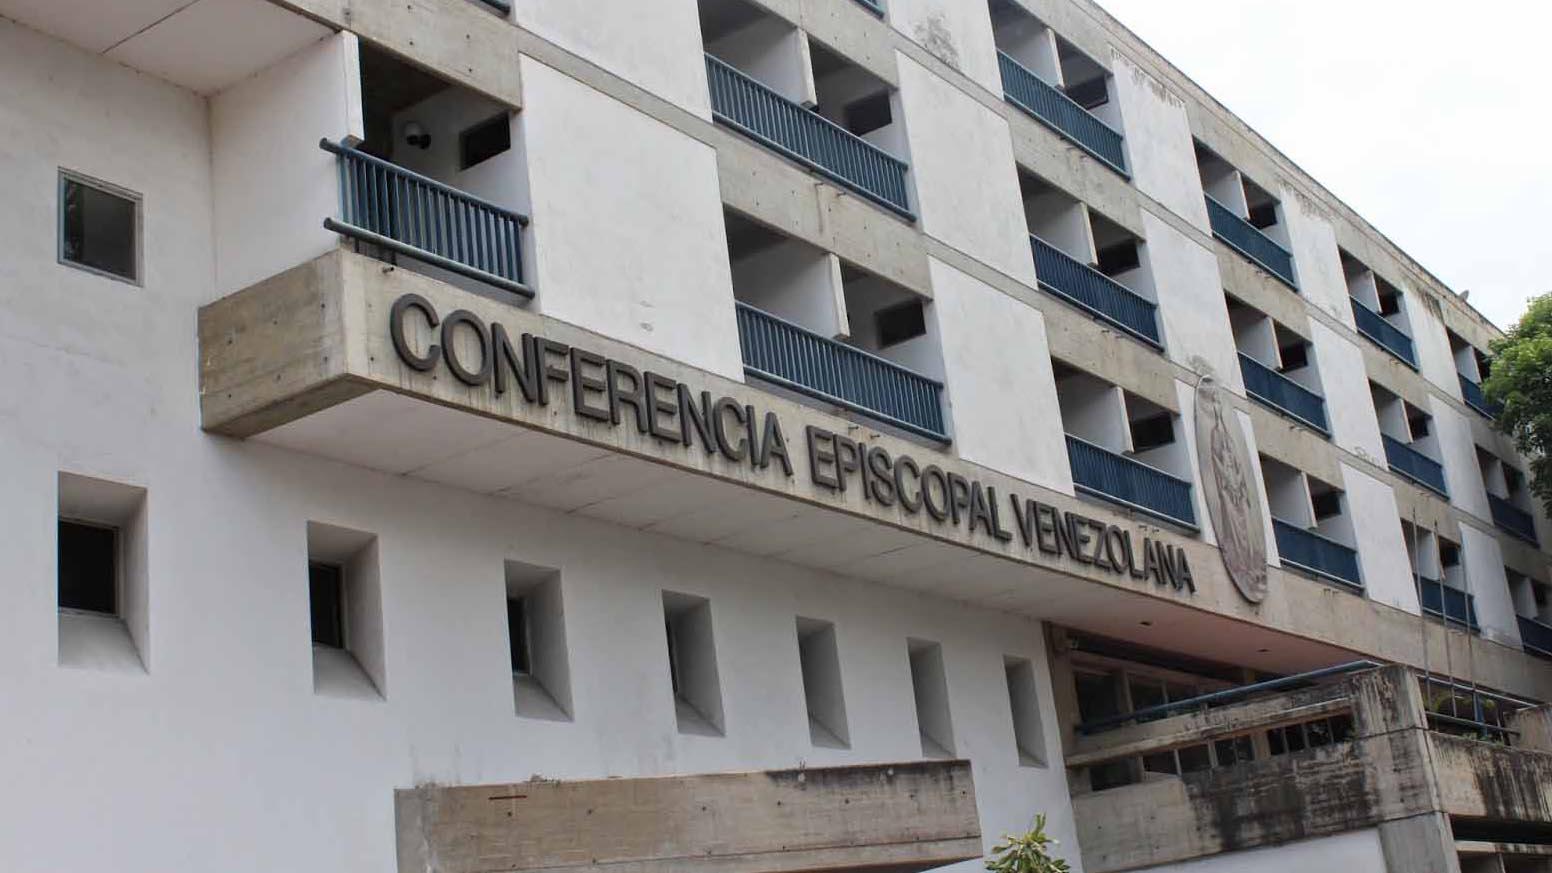 Los estudiantes rechazan la solicitud del presidente Maduro a una Asamblea Constituyente comunal, que atentaría contra la democracia y el restablecimiento del estado de derecho en Venezuela